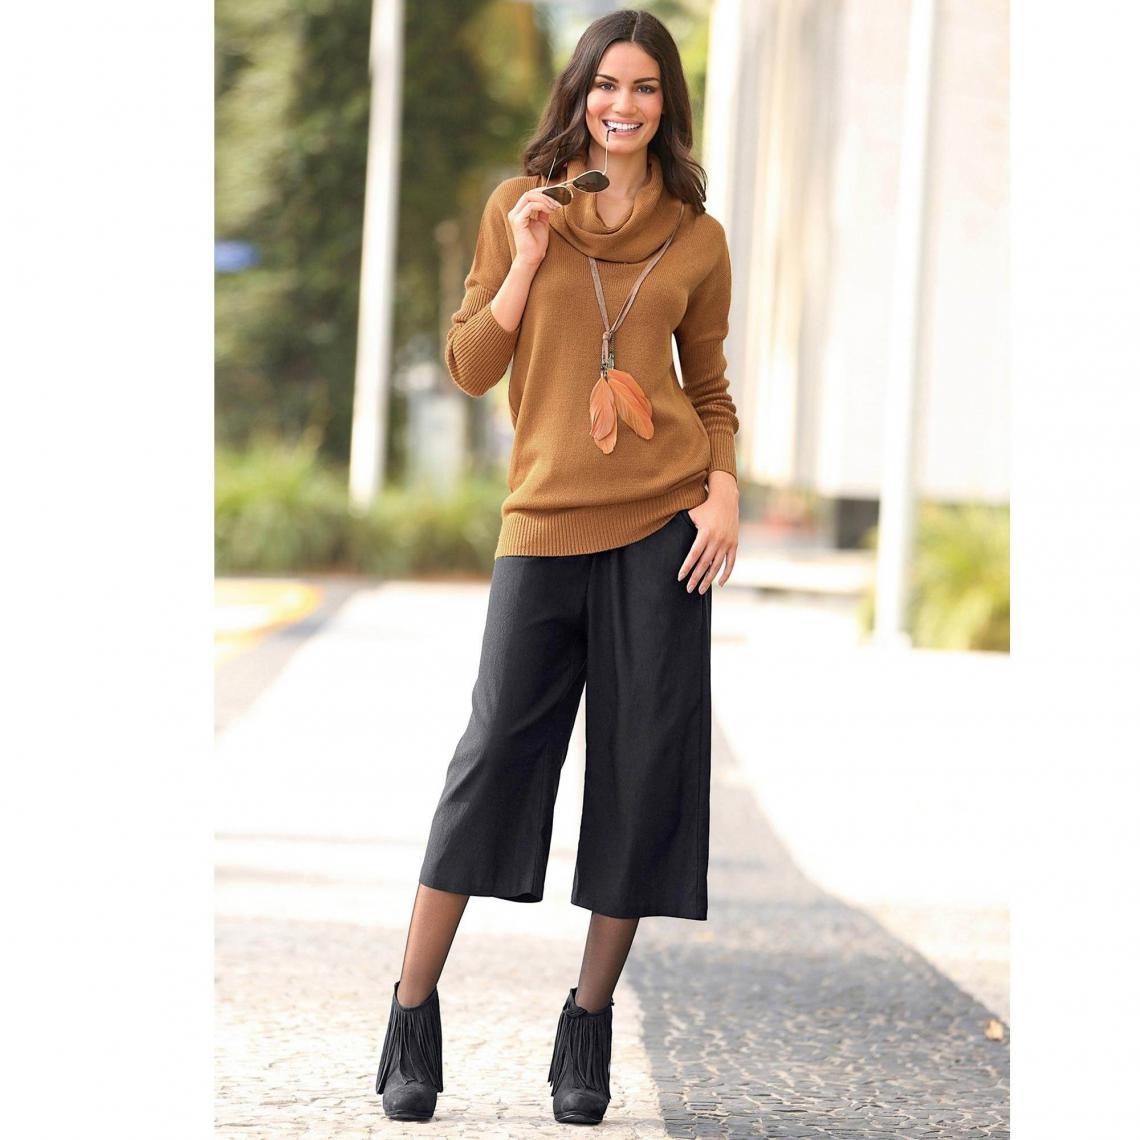 Jupe 4 Femme Noir Avis Pantalon 25 Moderne JcFK3T1l